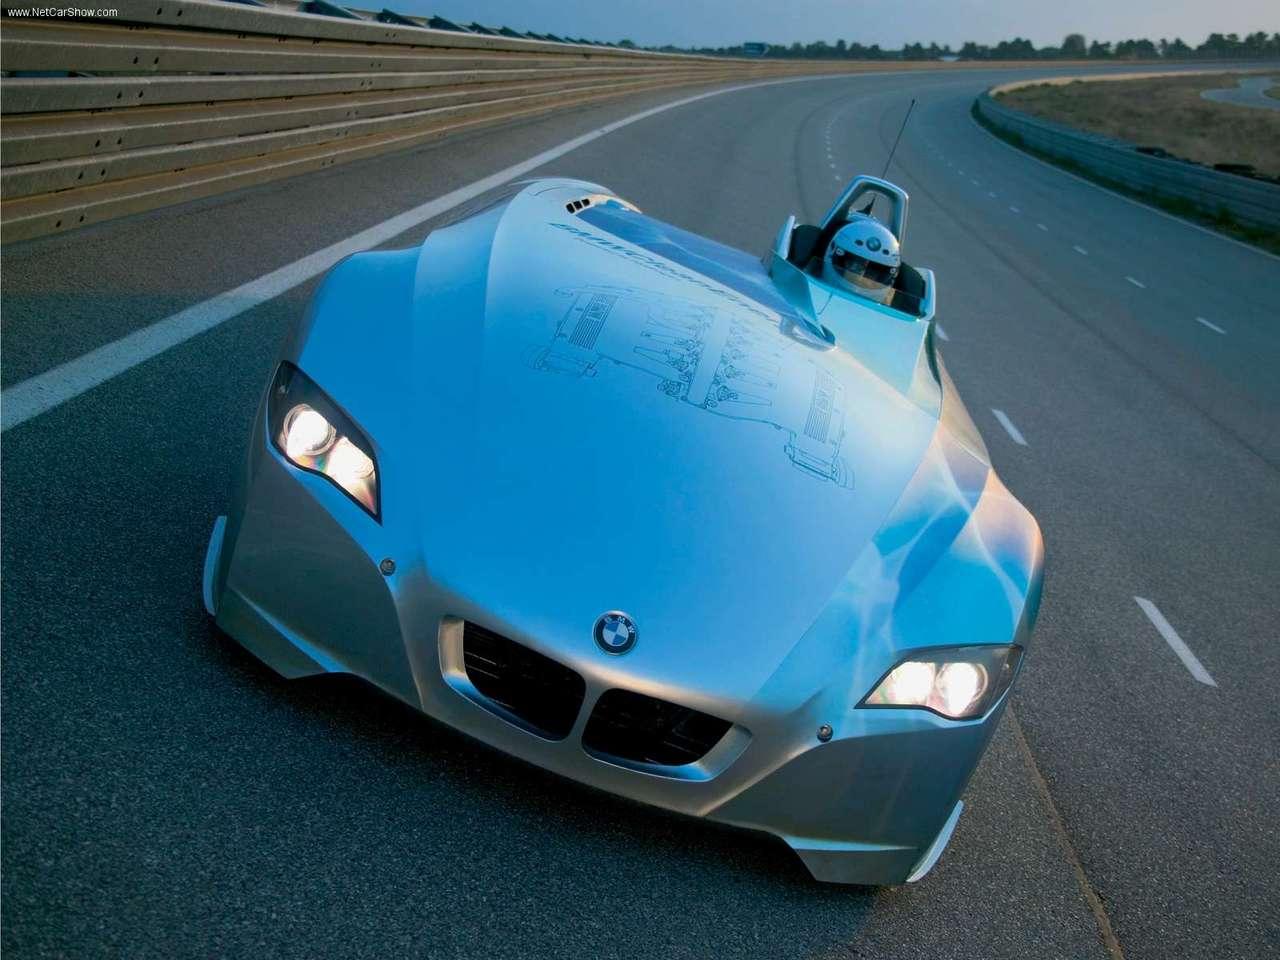 http://4.bp.blogspot.com/_vPMjJG-enrk/TAOUhU2JSqI/AAAAAAAACkU/yxyO5SKh3AY/s1600/BMW-H2R_2005_1280x960_wallpaper_02.jpg